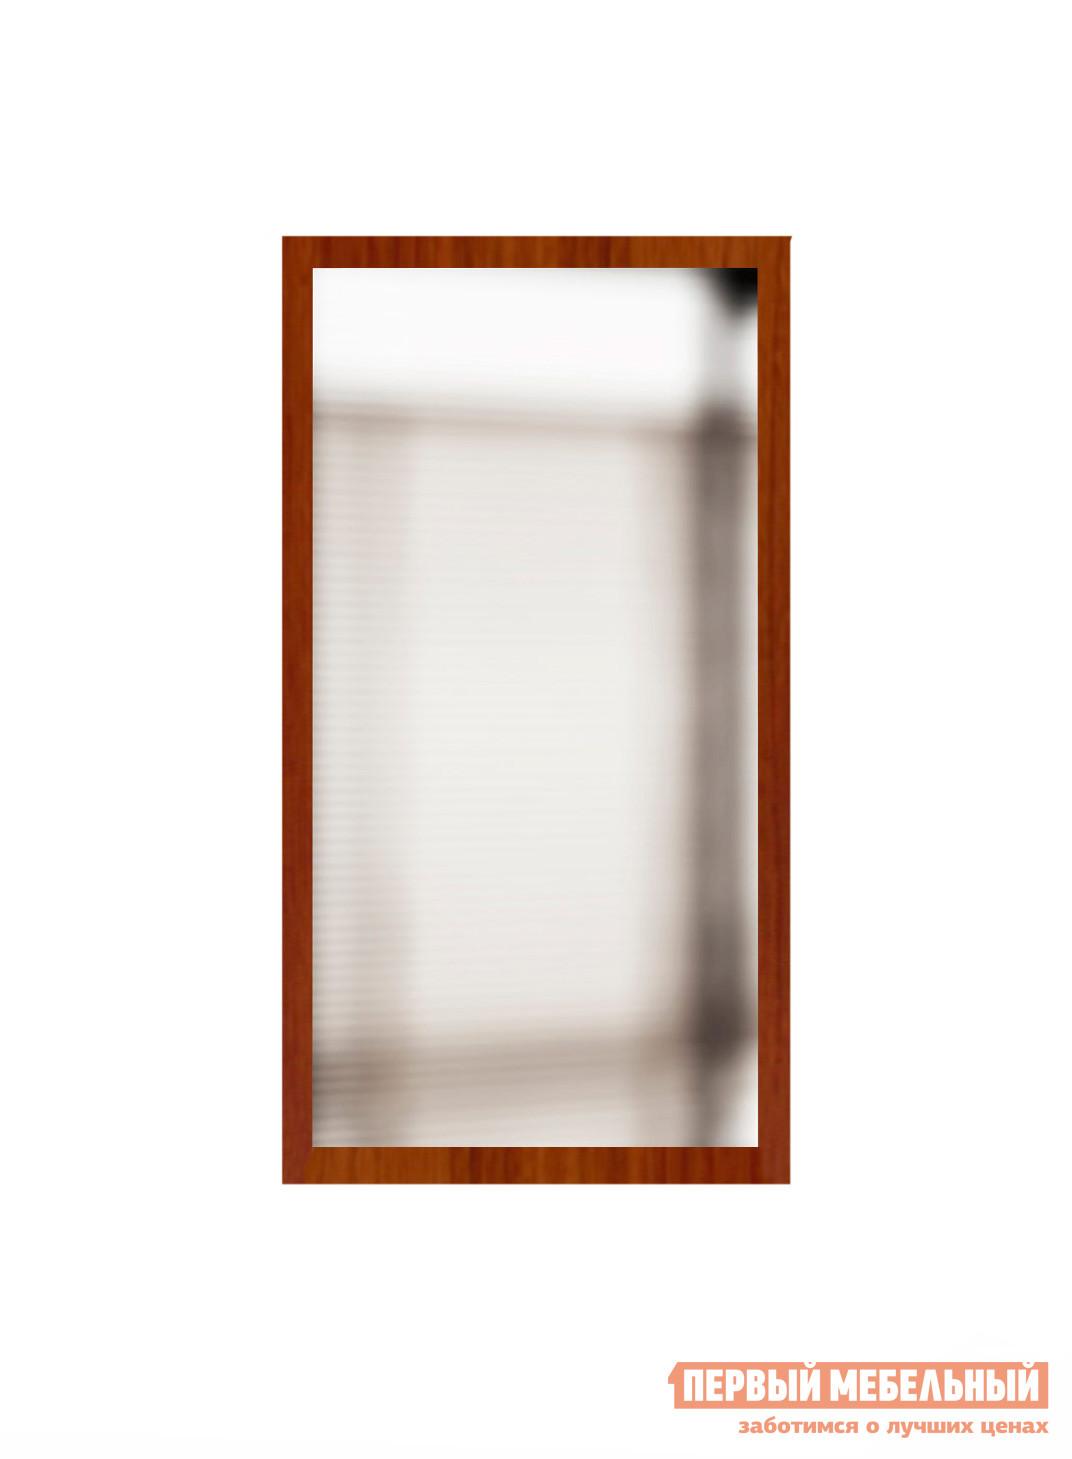 Настенное зеркало Сокол ПЗ-3 Испанский орех